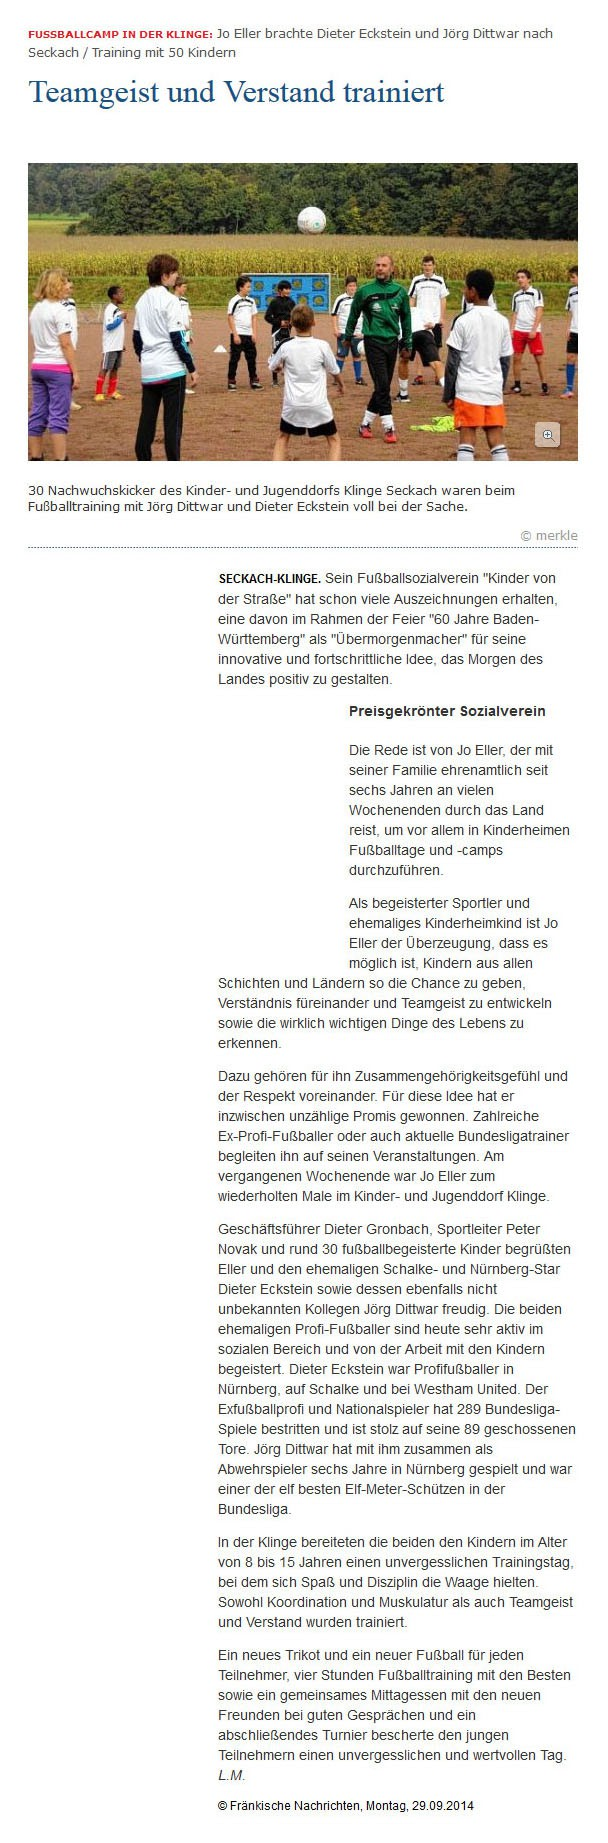 Fraenkische Nachrichten vom 29092014 - Bild 1 - Datum: 29.09.2014 - Tags: Pressebericht, AKTION FUSSBALLTAG e.V.